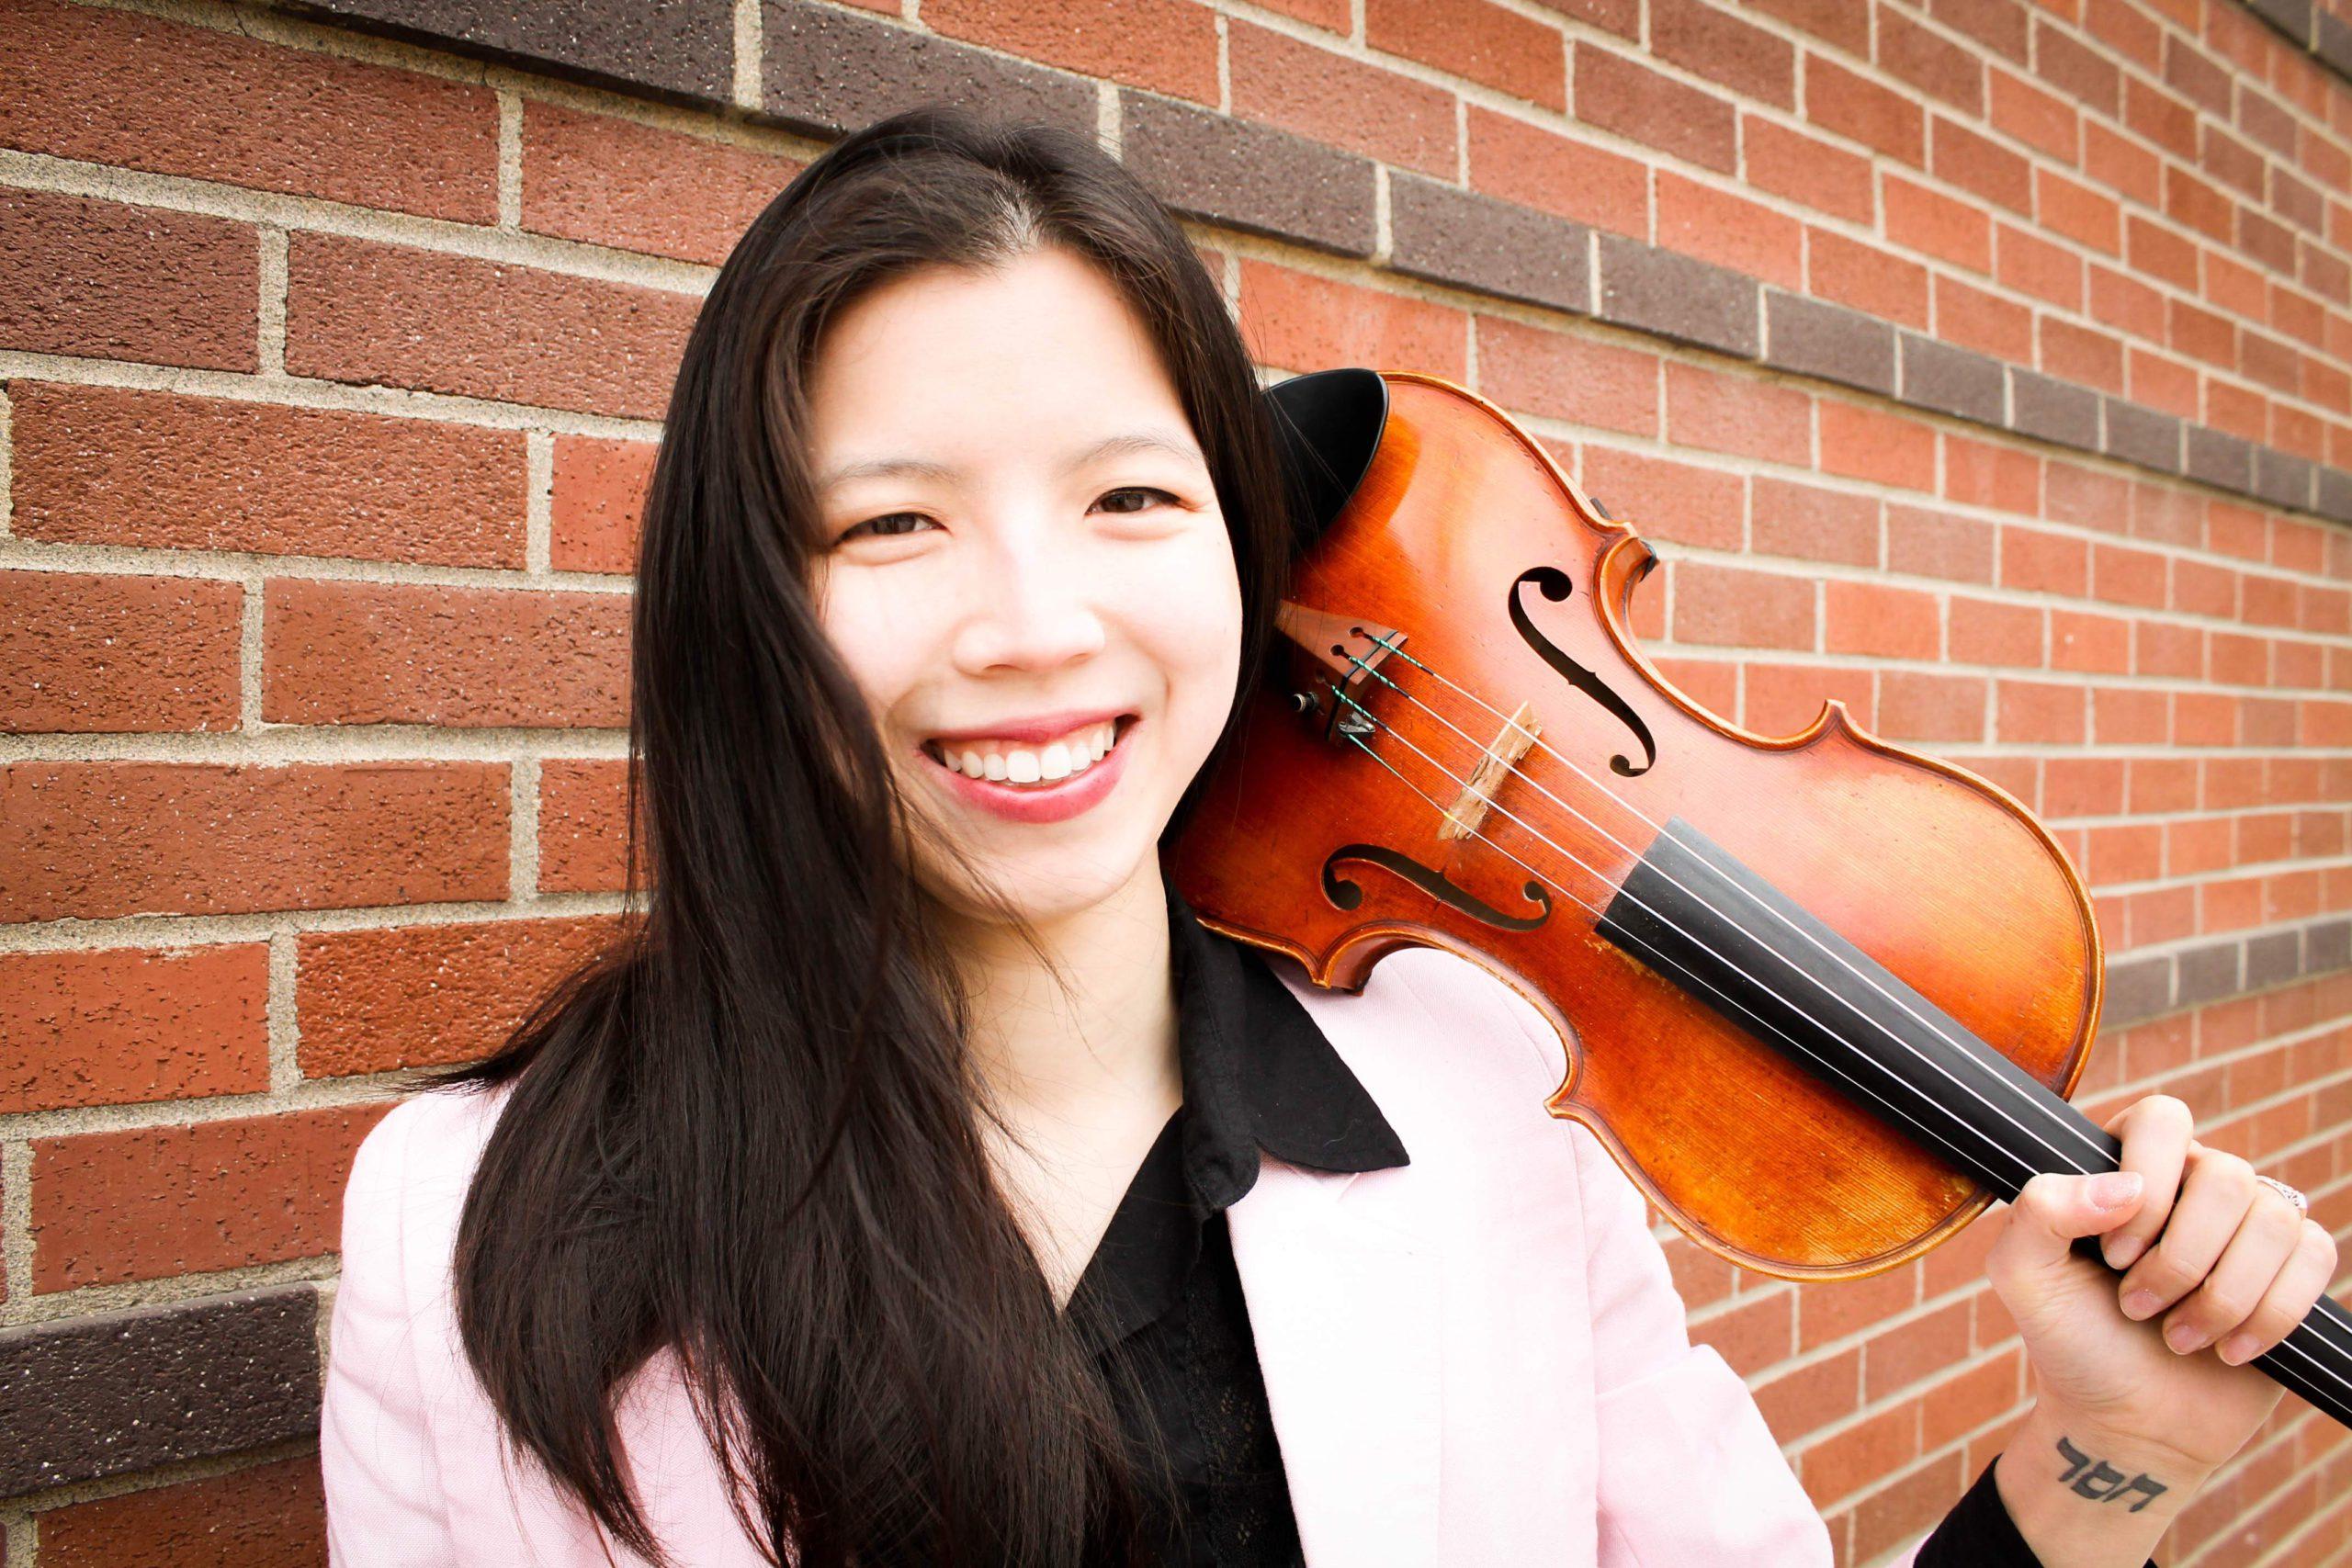 Cincinnati_Music_Lessons_Tallant_Music_Studio_instructor_Sarah_Gorak